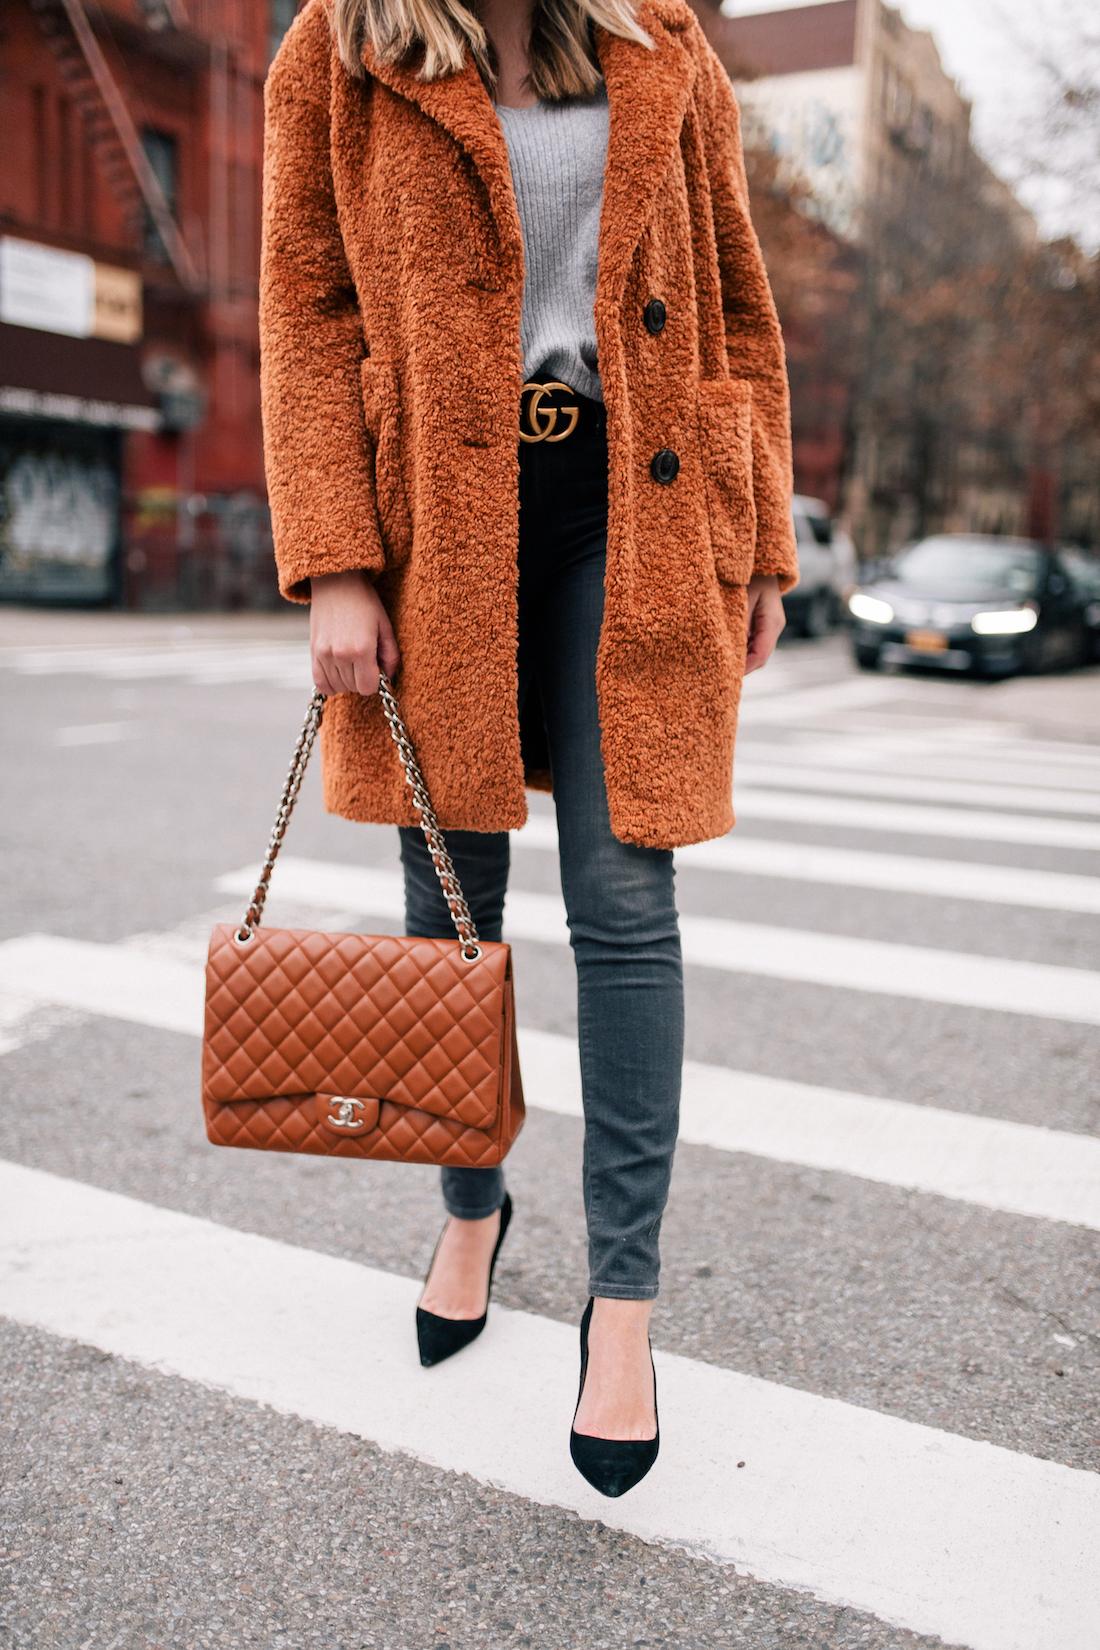 Outfit Details:Atlantic-Pacific x Halogen Teddy Coat // ASOS Sweater // Paige Jeans // Manolo Blahnik Pumps // Gucci Belt // Chanel Bag